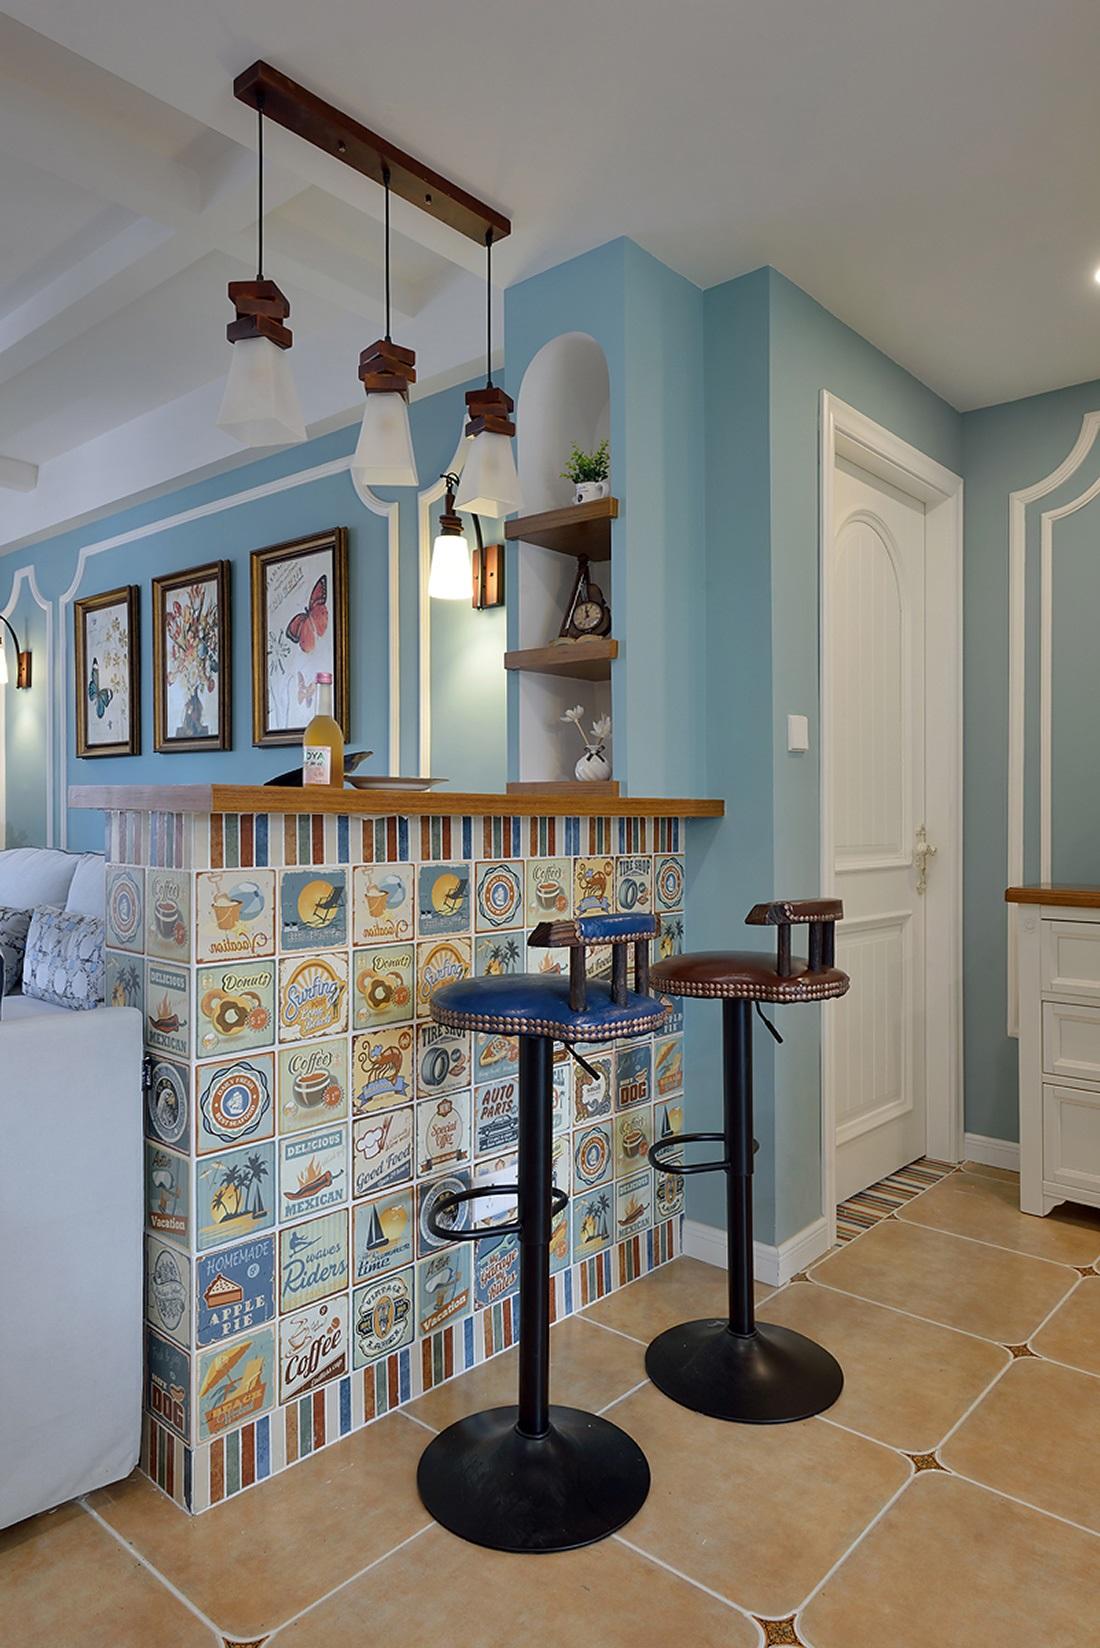 装修效果图 家居美图 美容院吧台设计装饰图片  收藏